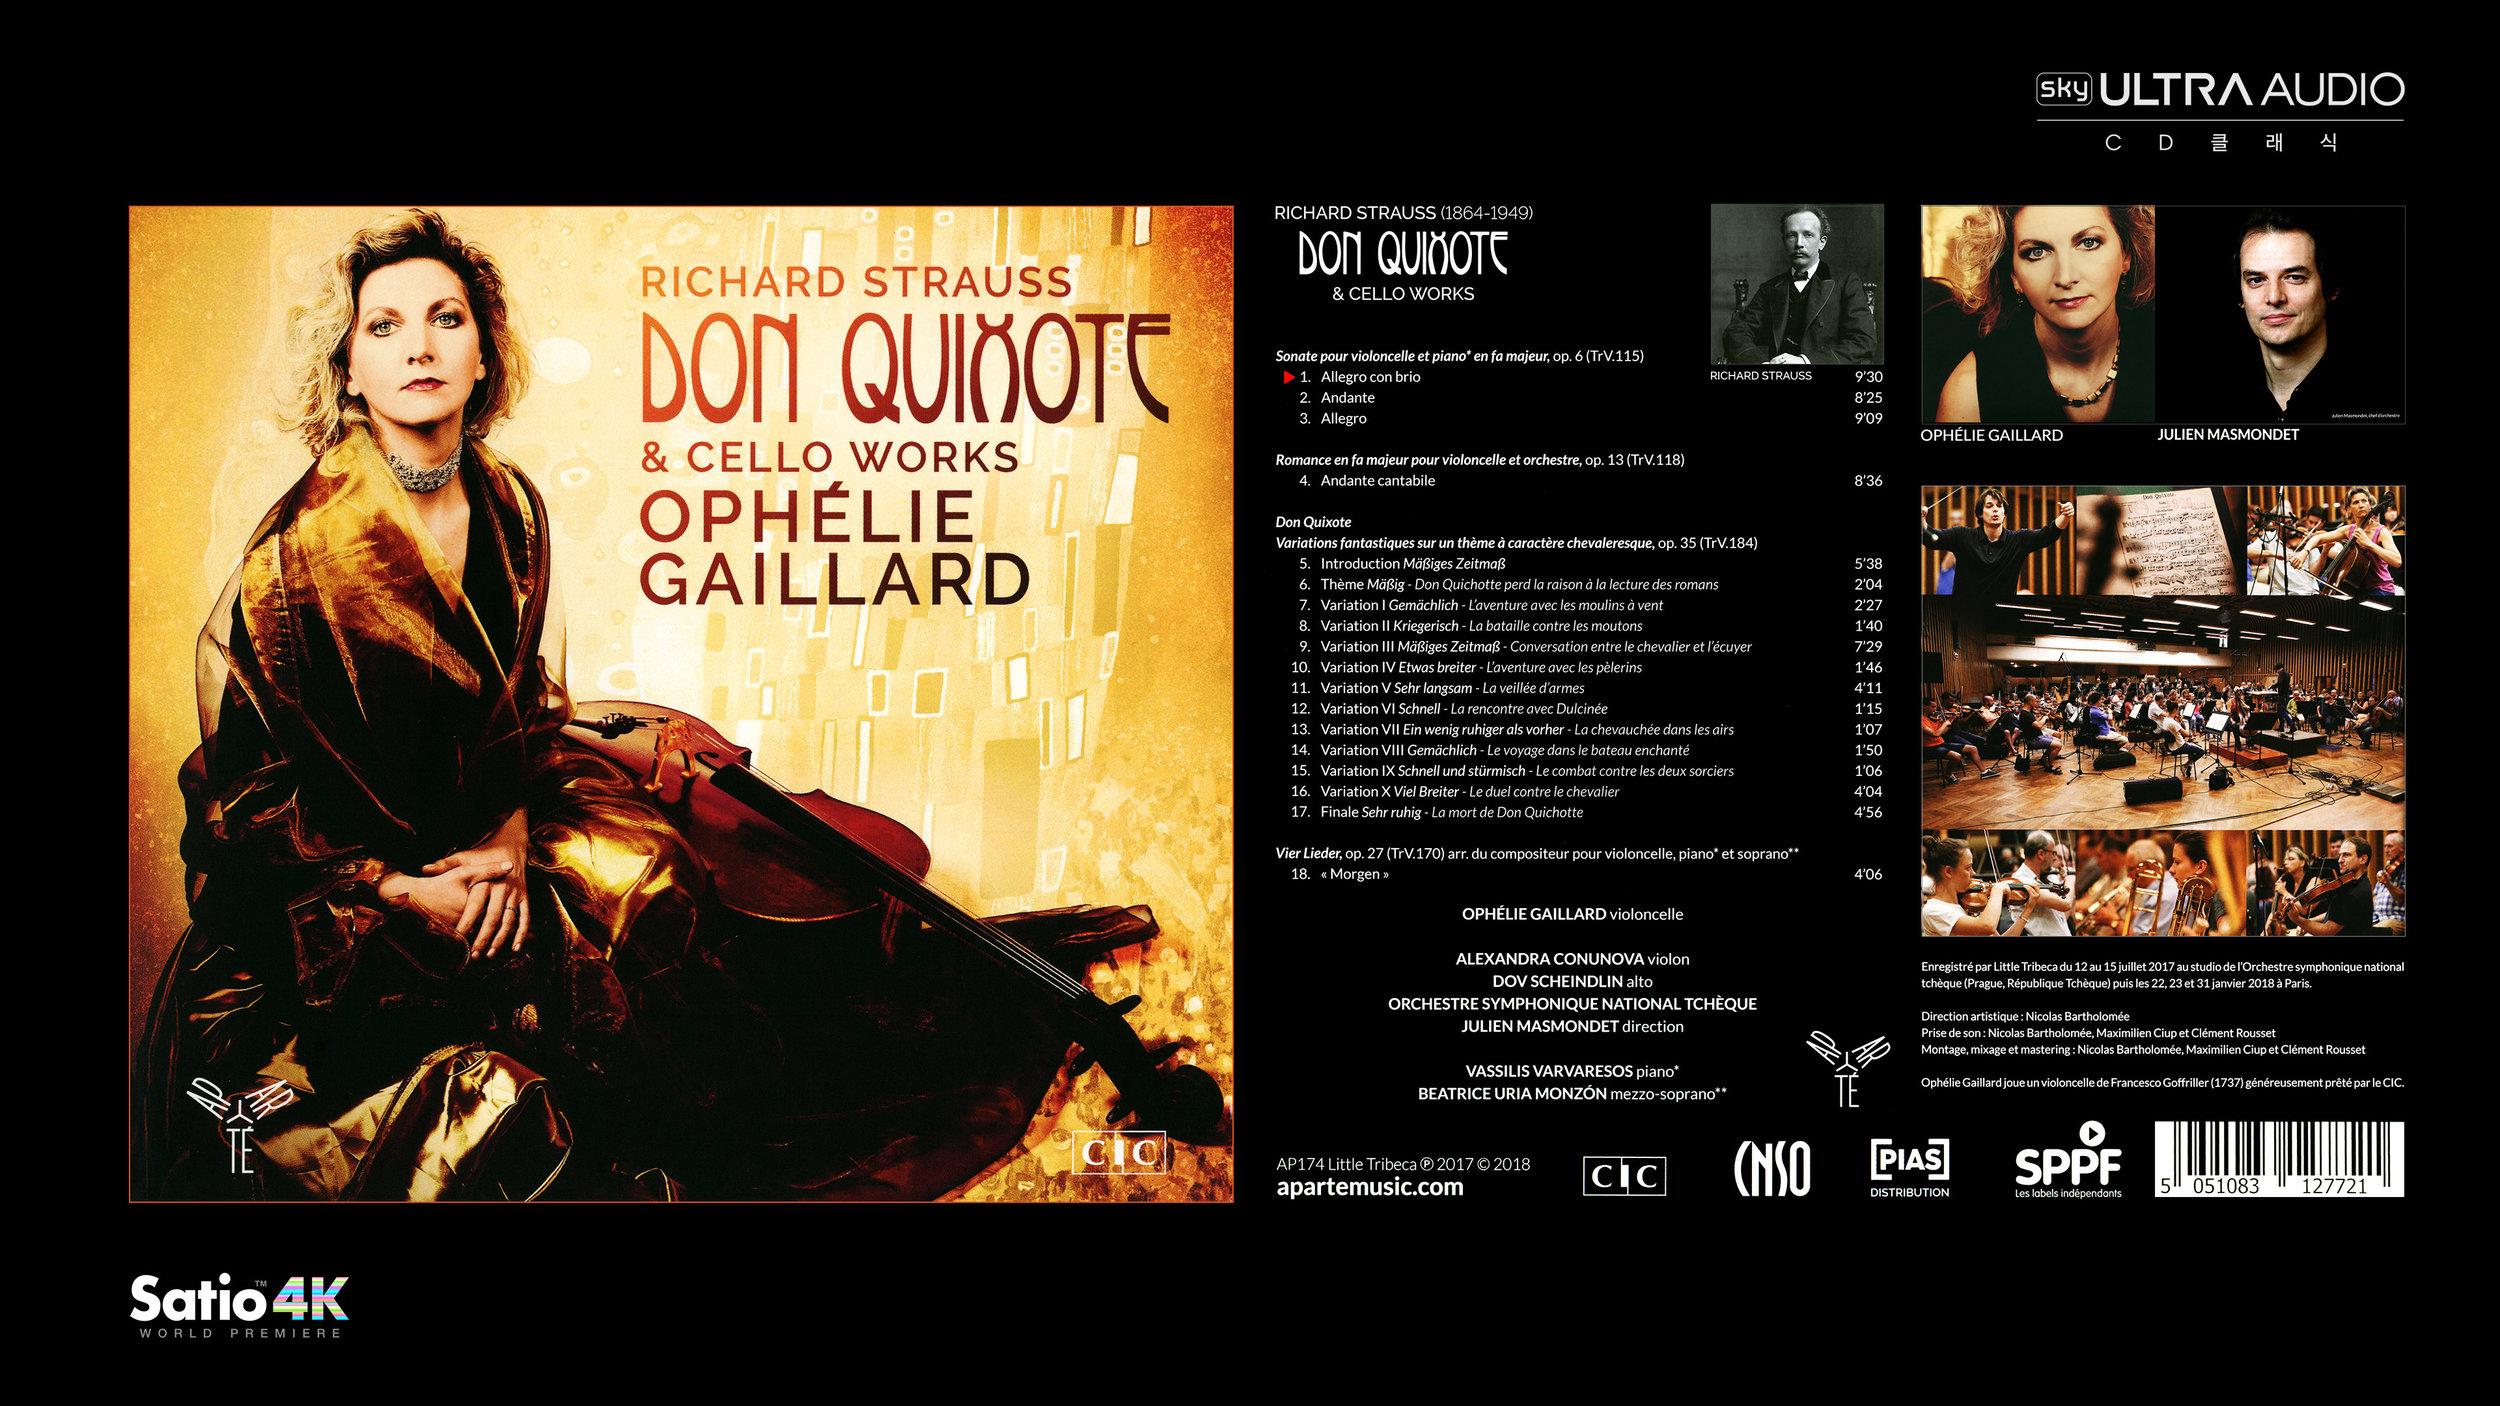 Ophelie Gaillard_Strauss Don Quixote (2018).jpg